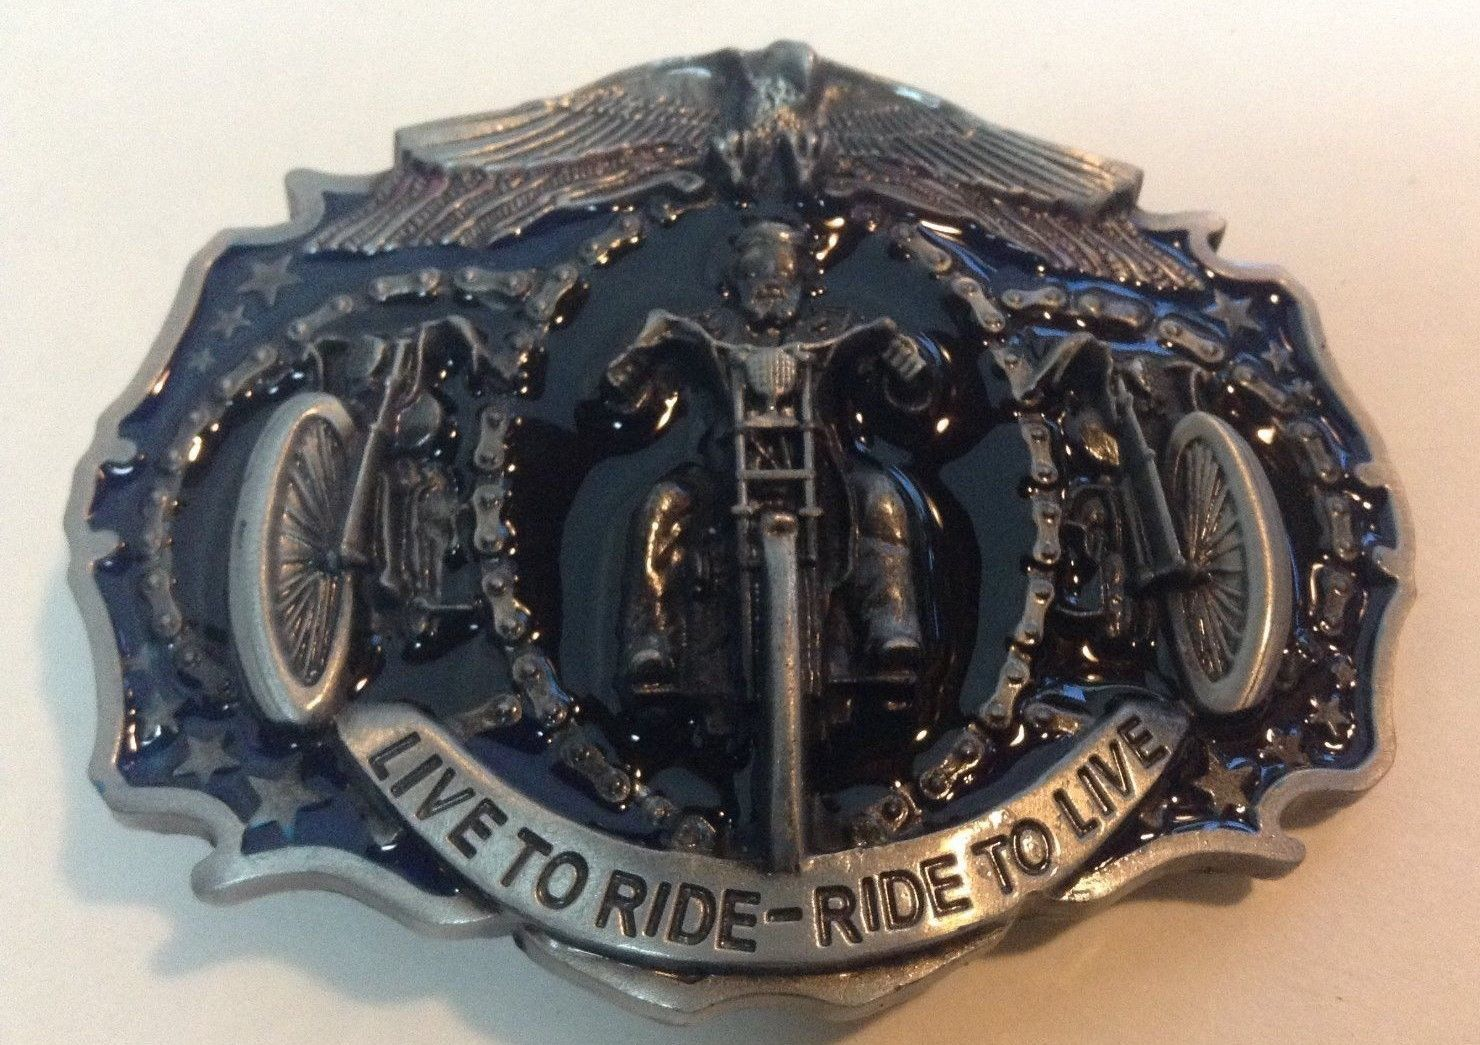 Black motorcycle belt buckle 2